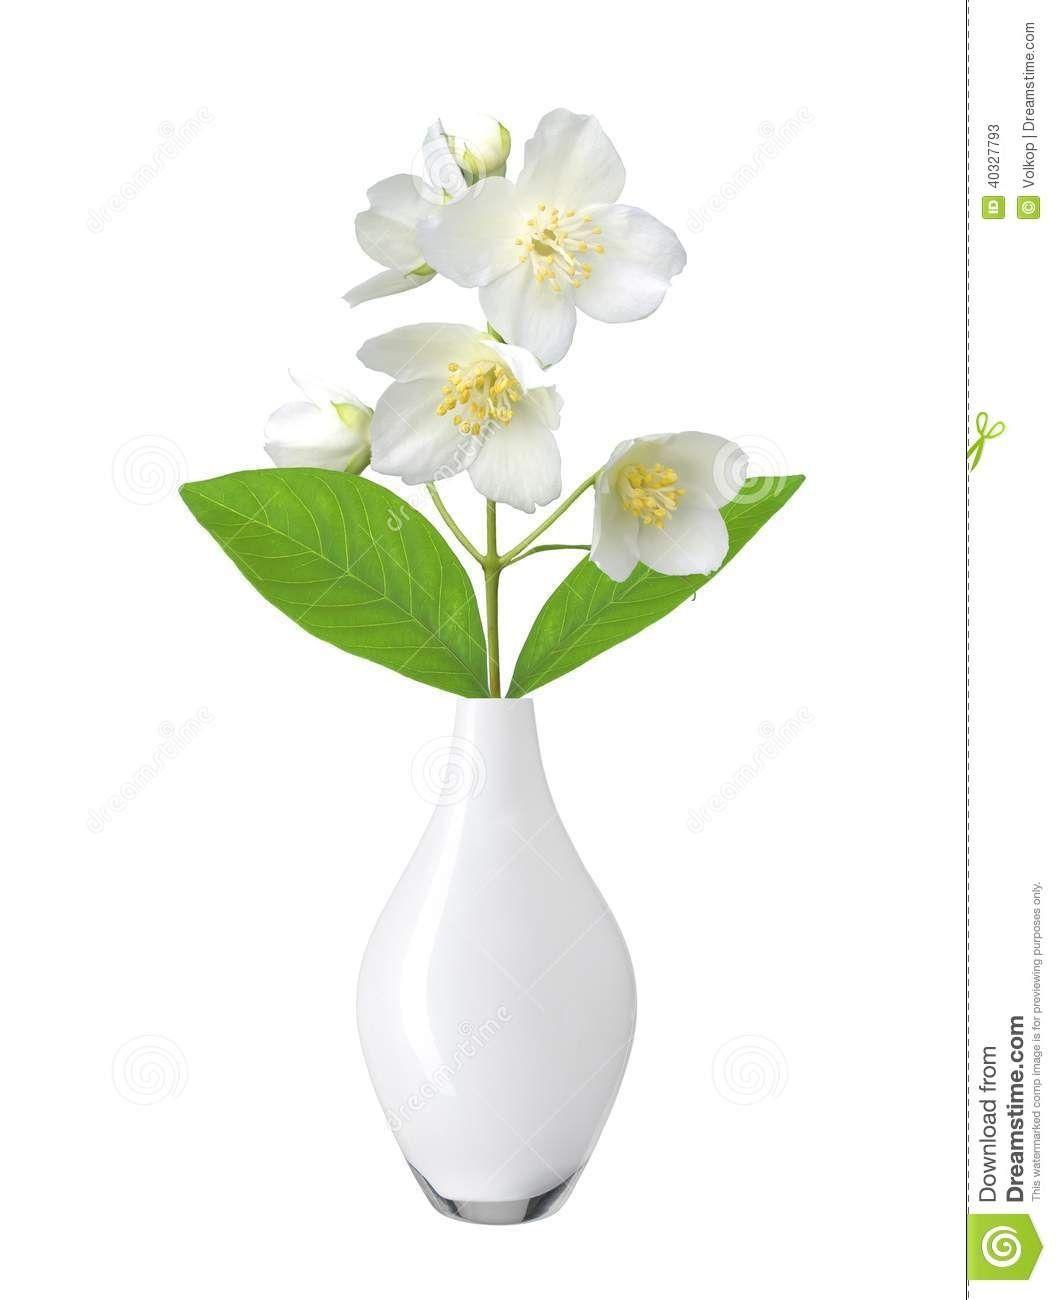 30 beautiful flower vase background decoration pinterest 30 beautiful flower vase background izmirmasajfo